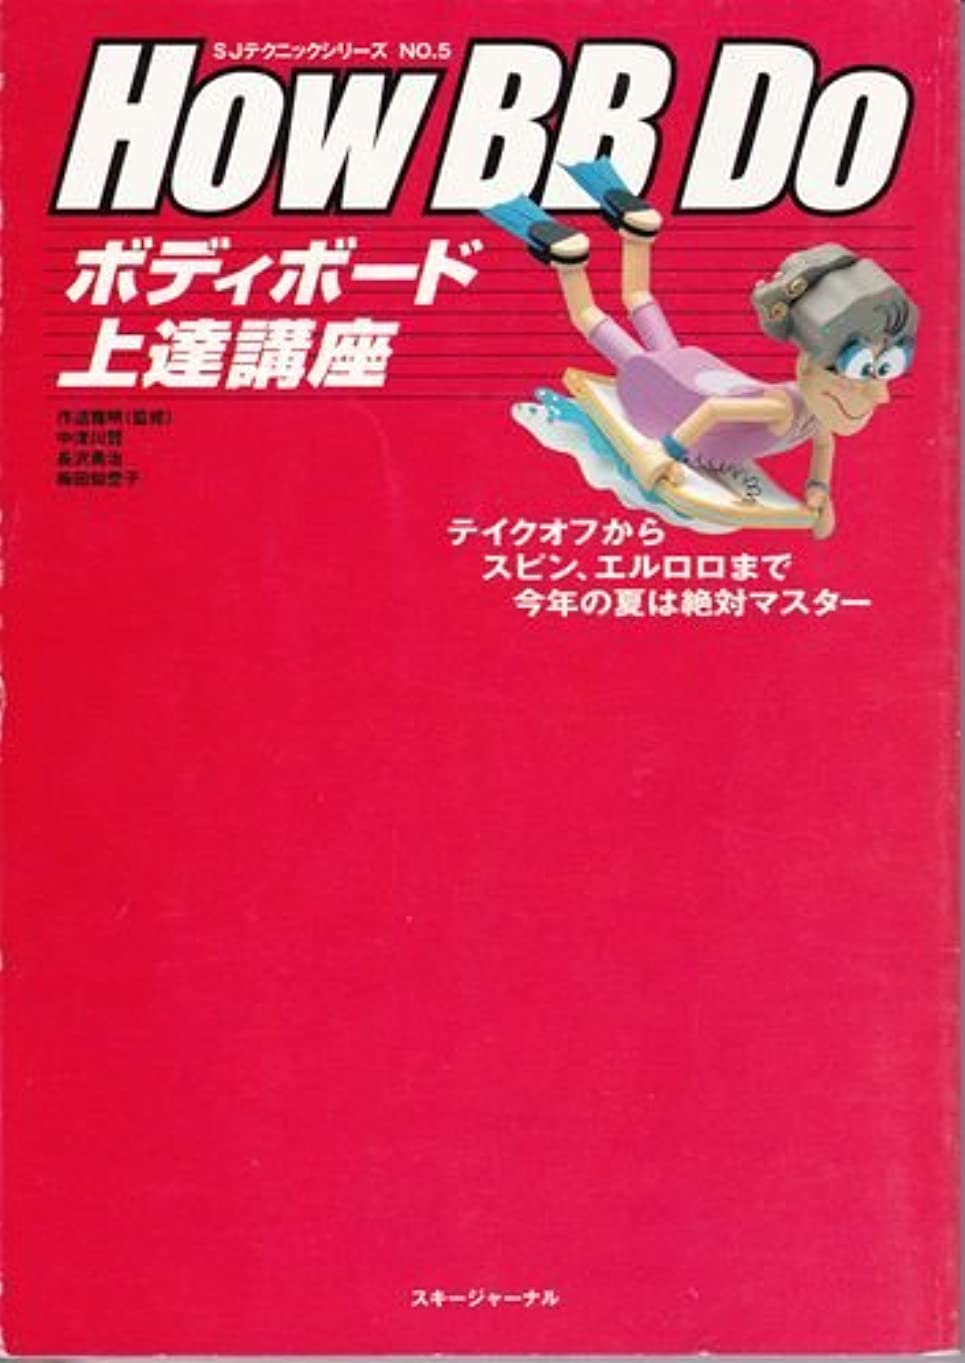 ニックネームプレートインシデントHow BB do―ボディボード上達講座 (SJテクニックシリーズ (No.5))